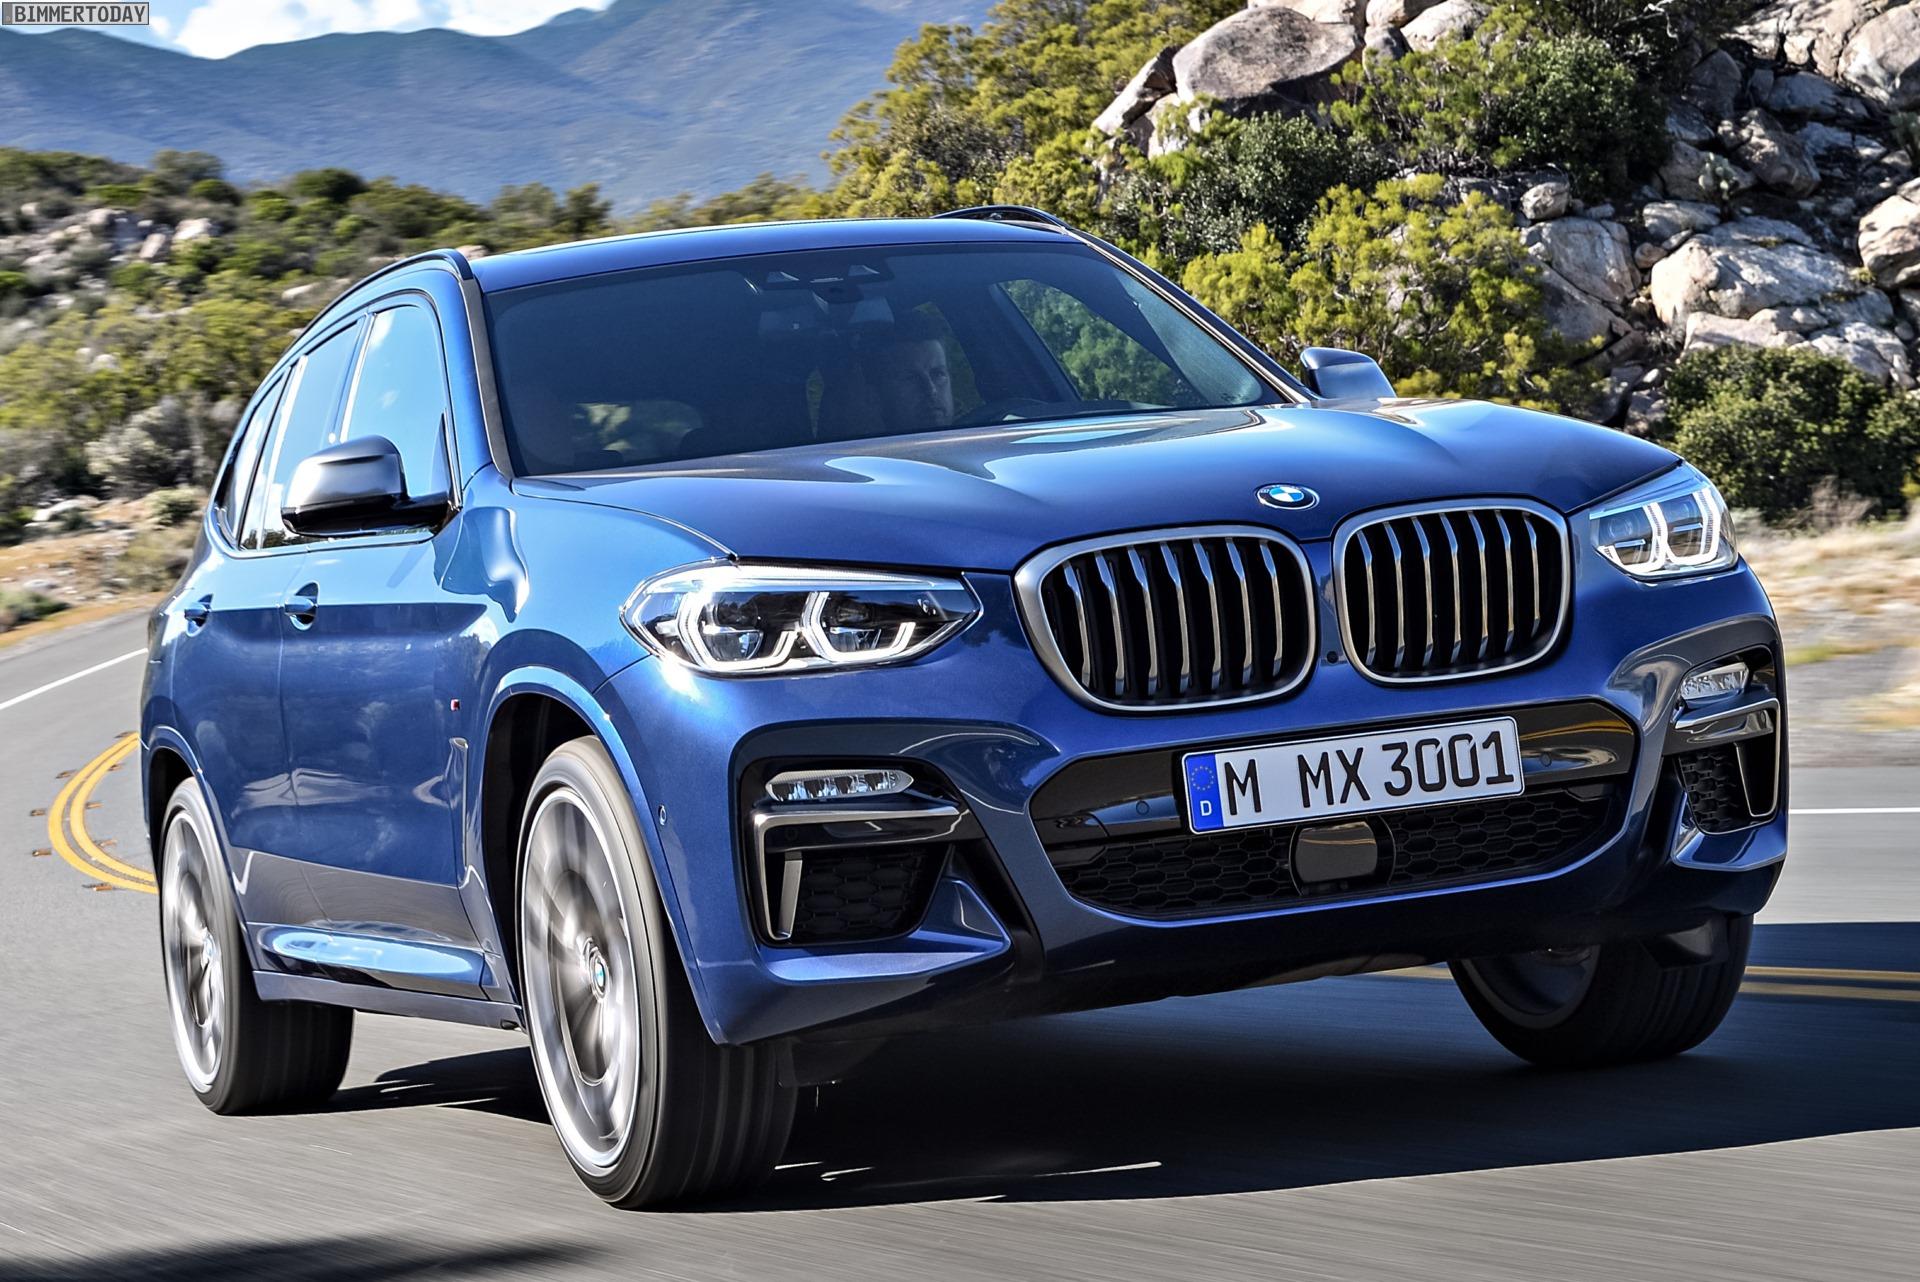 BMW X3 M40d G01 Neuer M Performance Diesel mit 326 PS